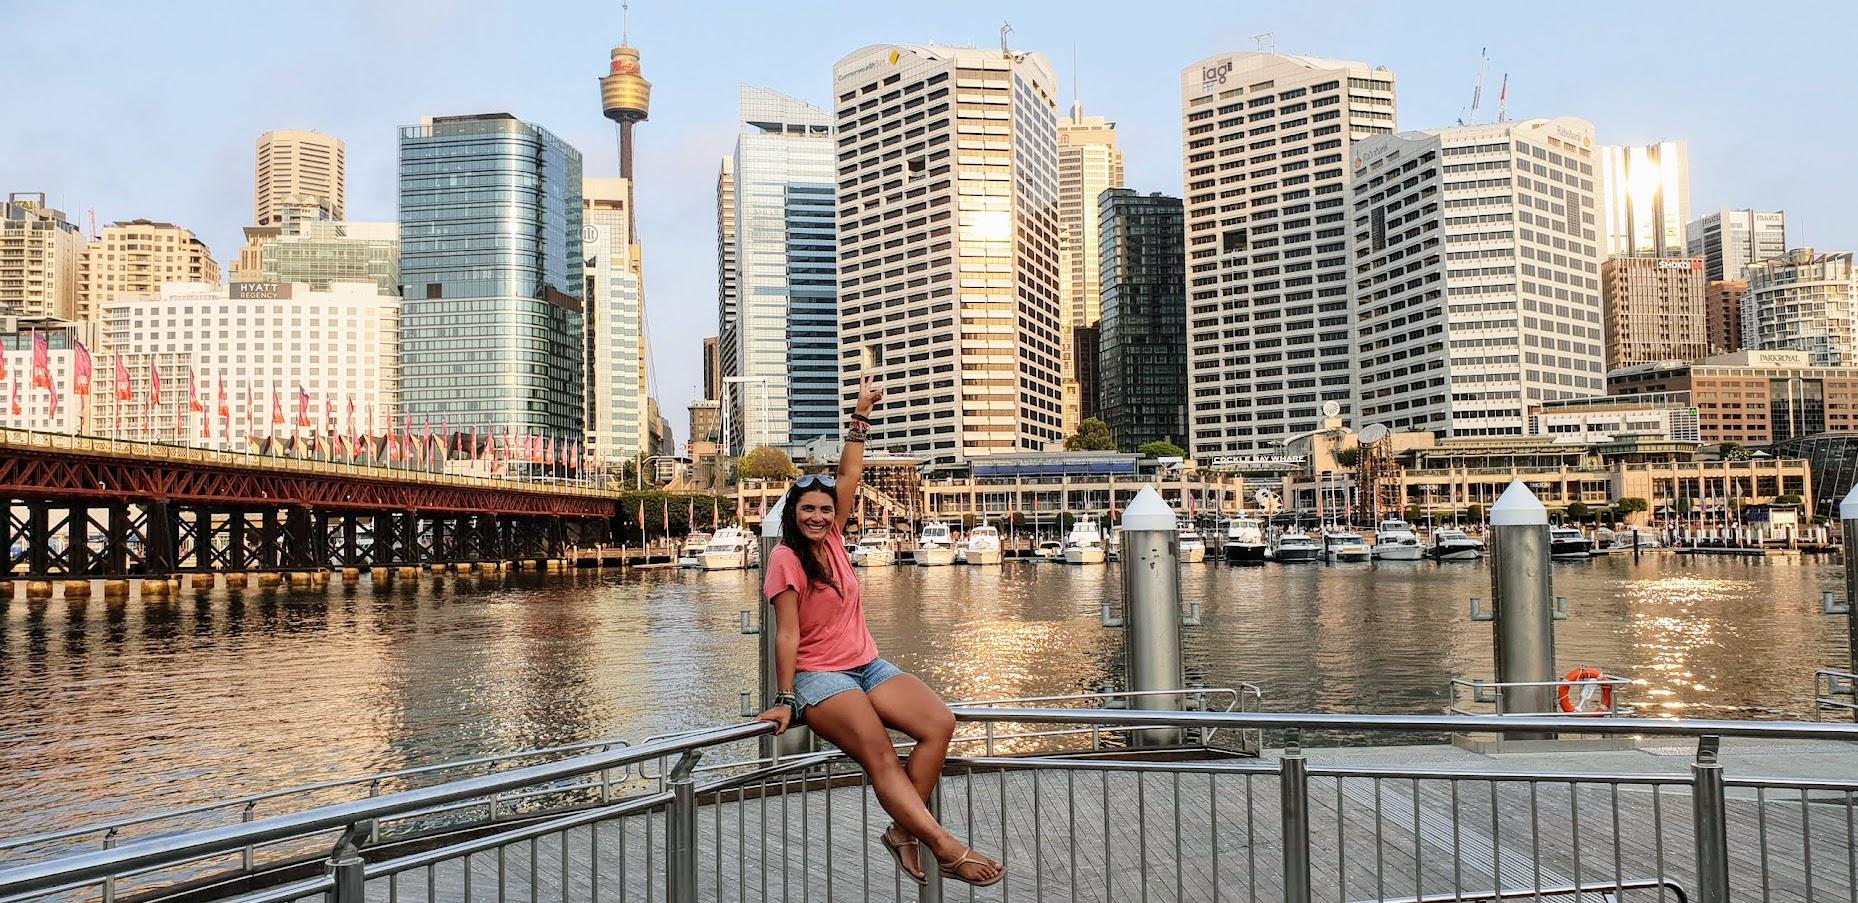 Viajar na GOLD COAST da Austrália | Roteiro para visitar a Costa Dourada em 15 dias (entre Brisbane e Sydney)